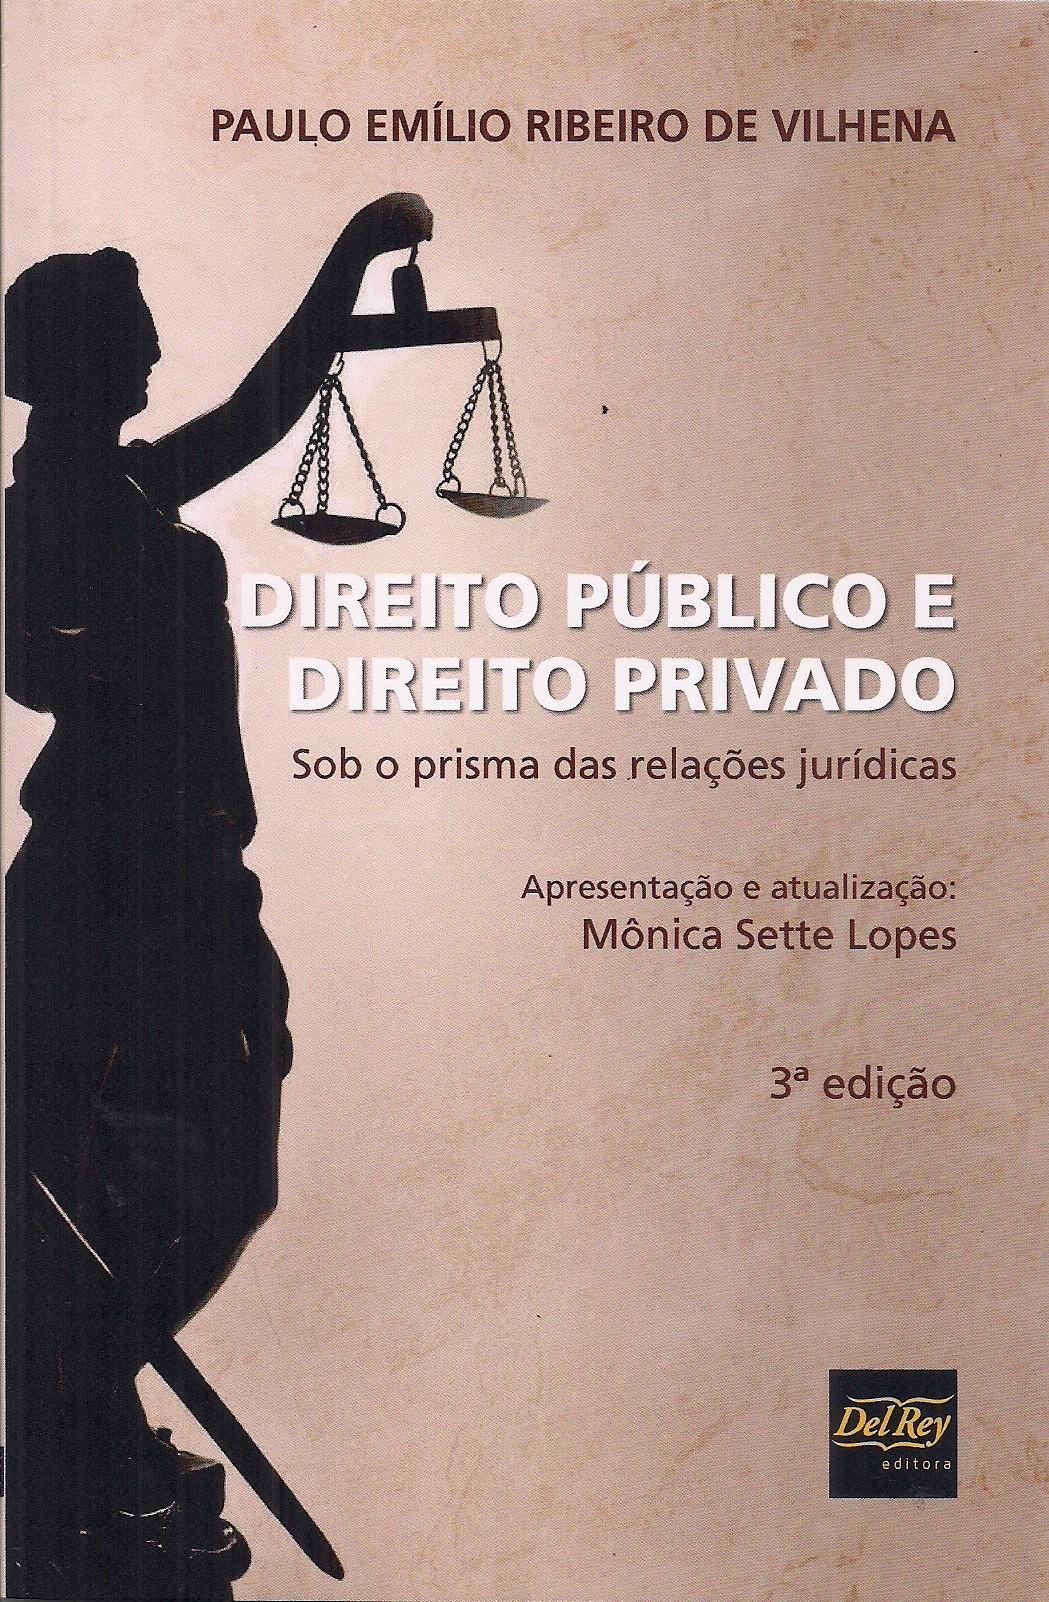 Foto 1 - Direito Público e Direito Privado - Sob o prisma das relações jurídicas